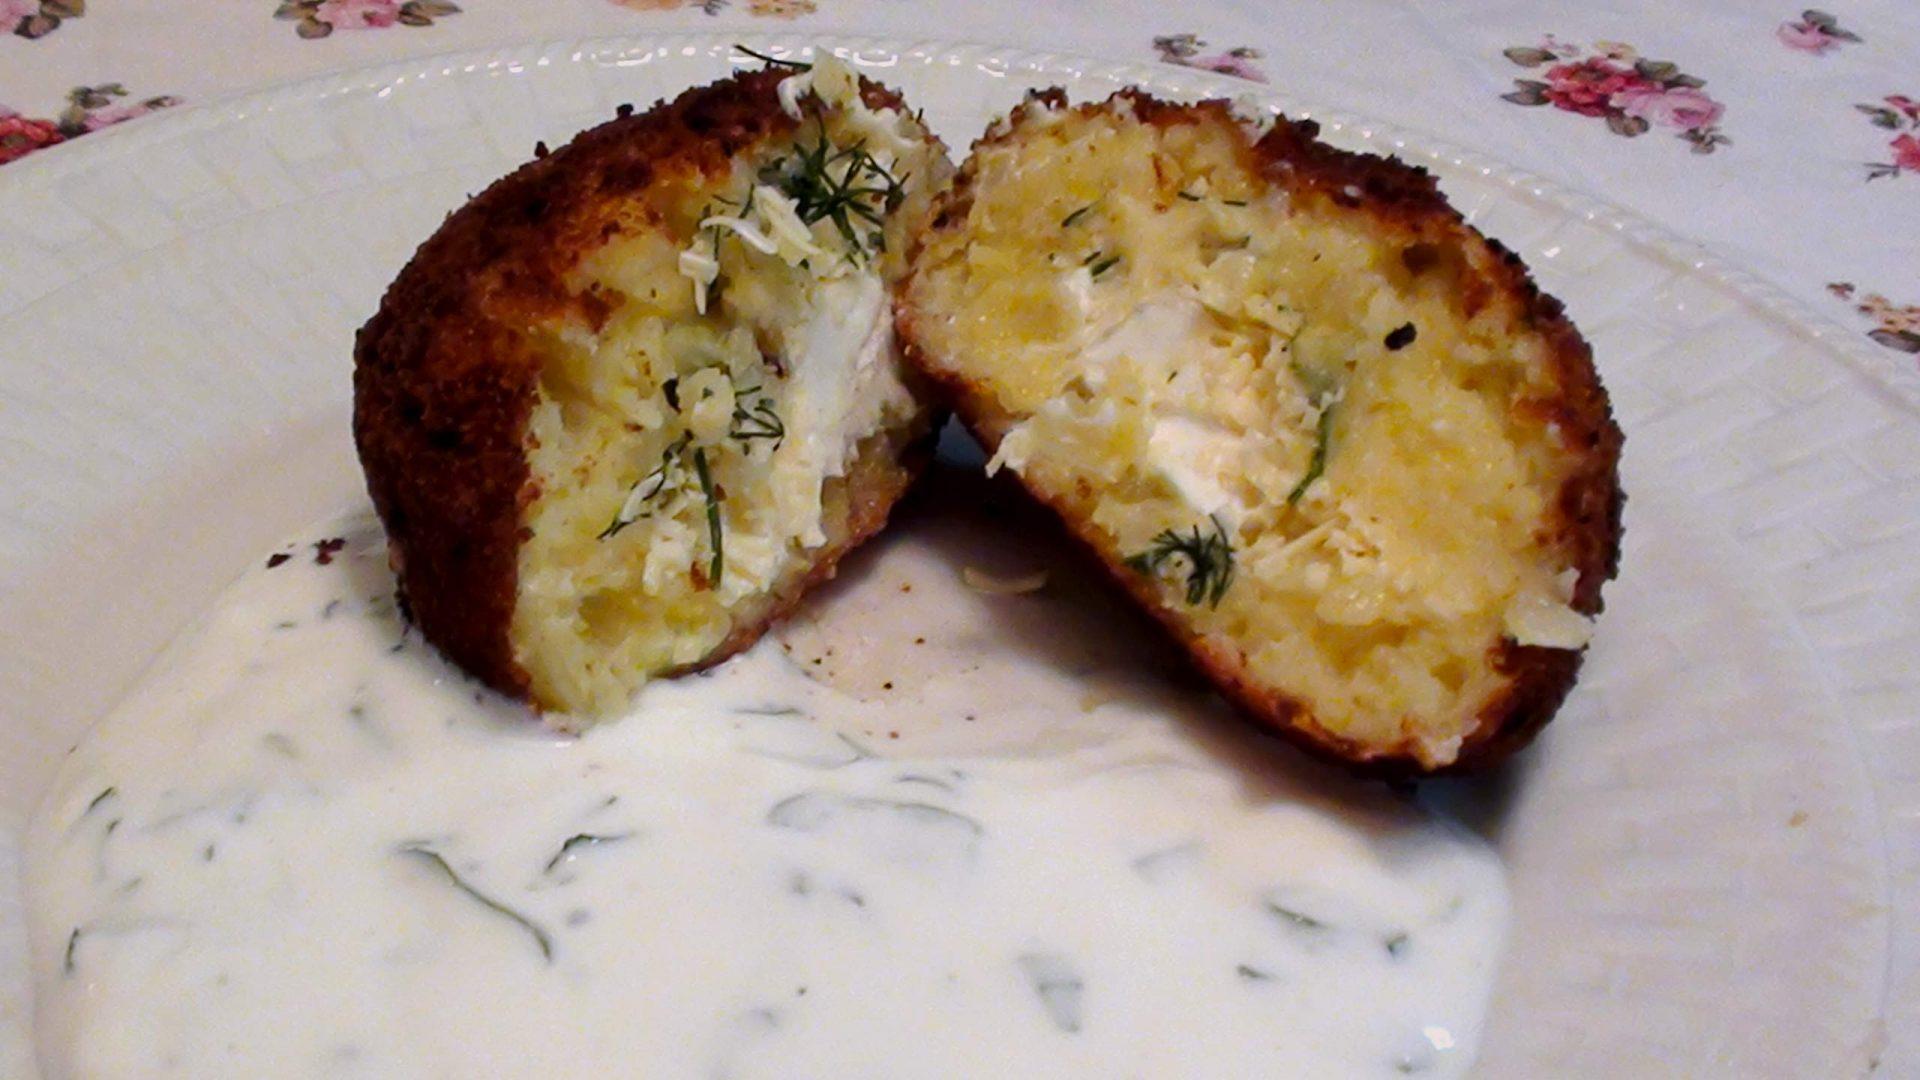 קרוקנטי תפוחי אדמה ברוטב יוגורט במילוי גבינות וזיתים